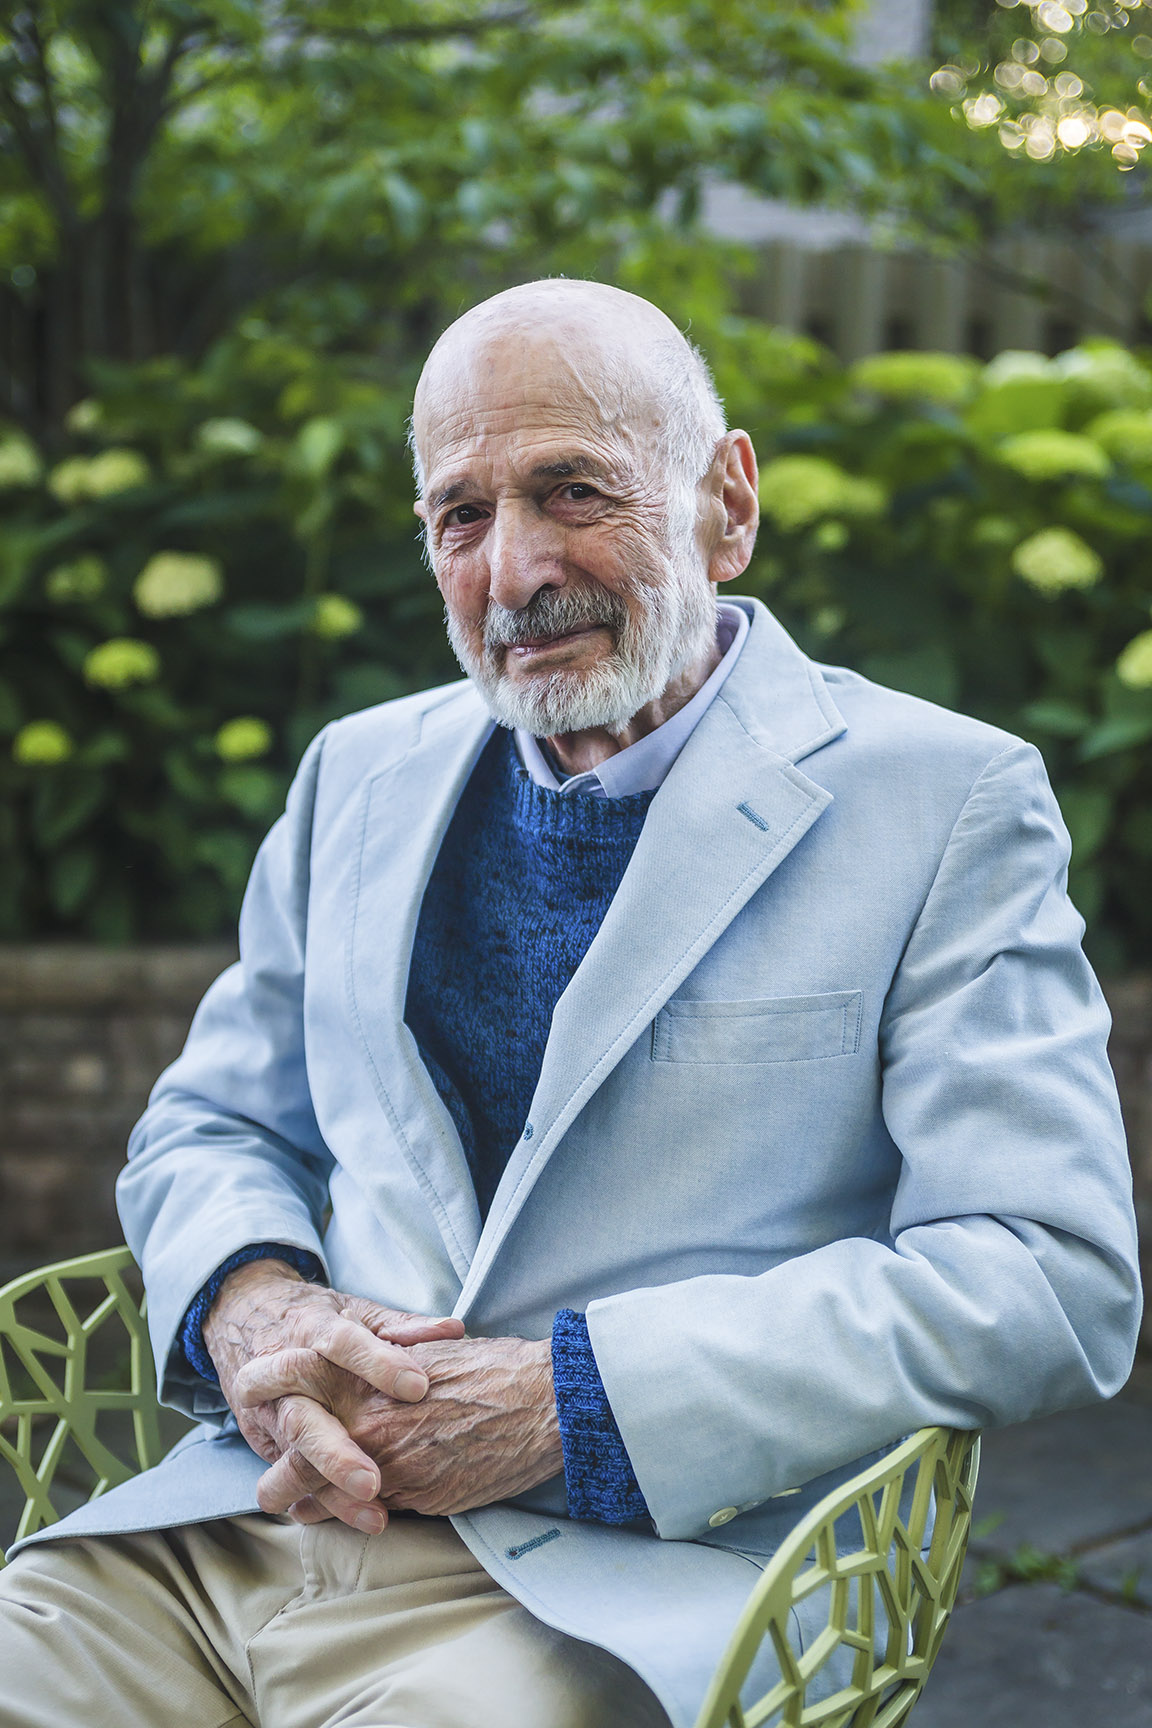 Elderly man in light blue jacket seated in a garden.